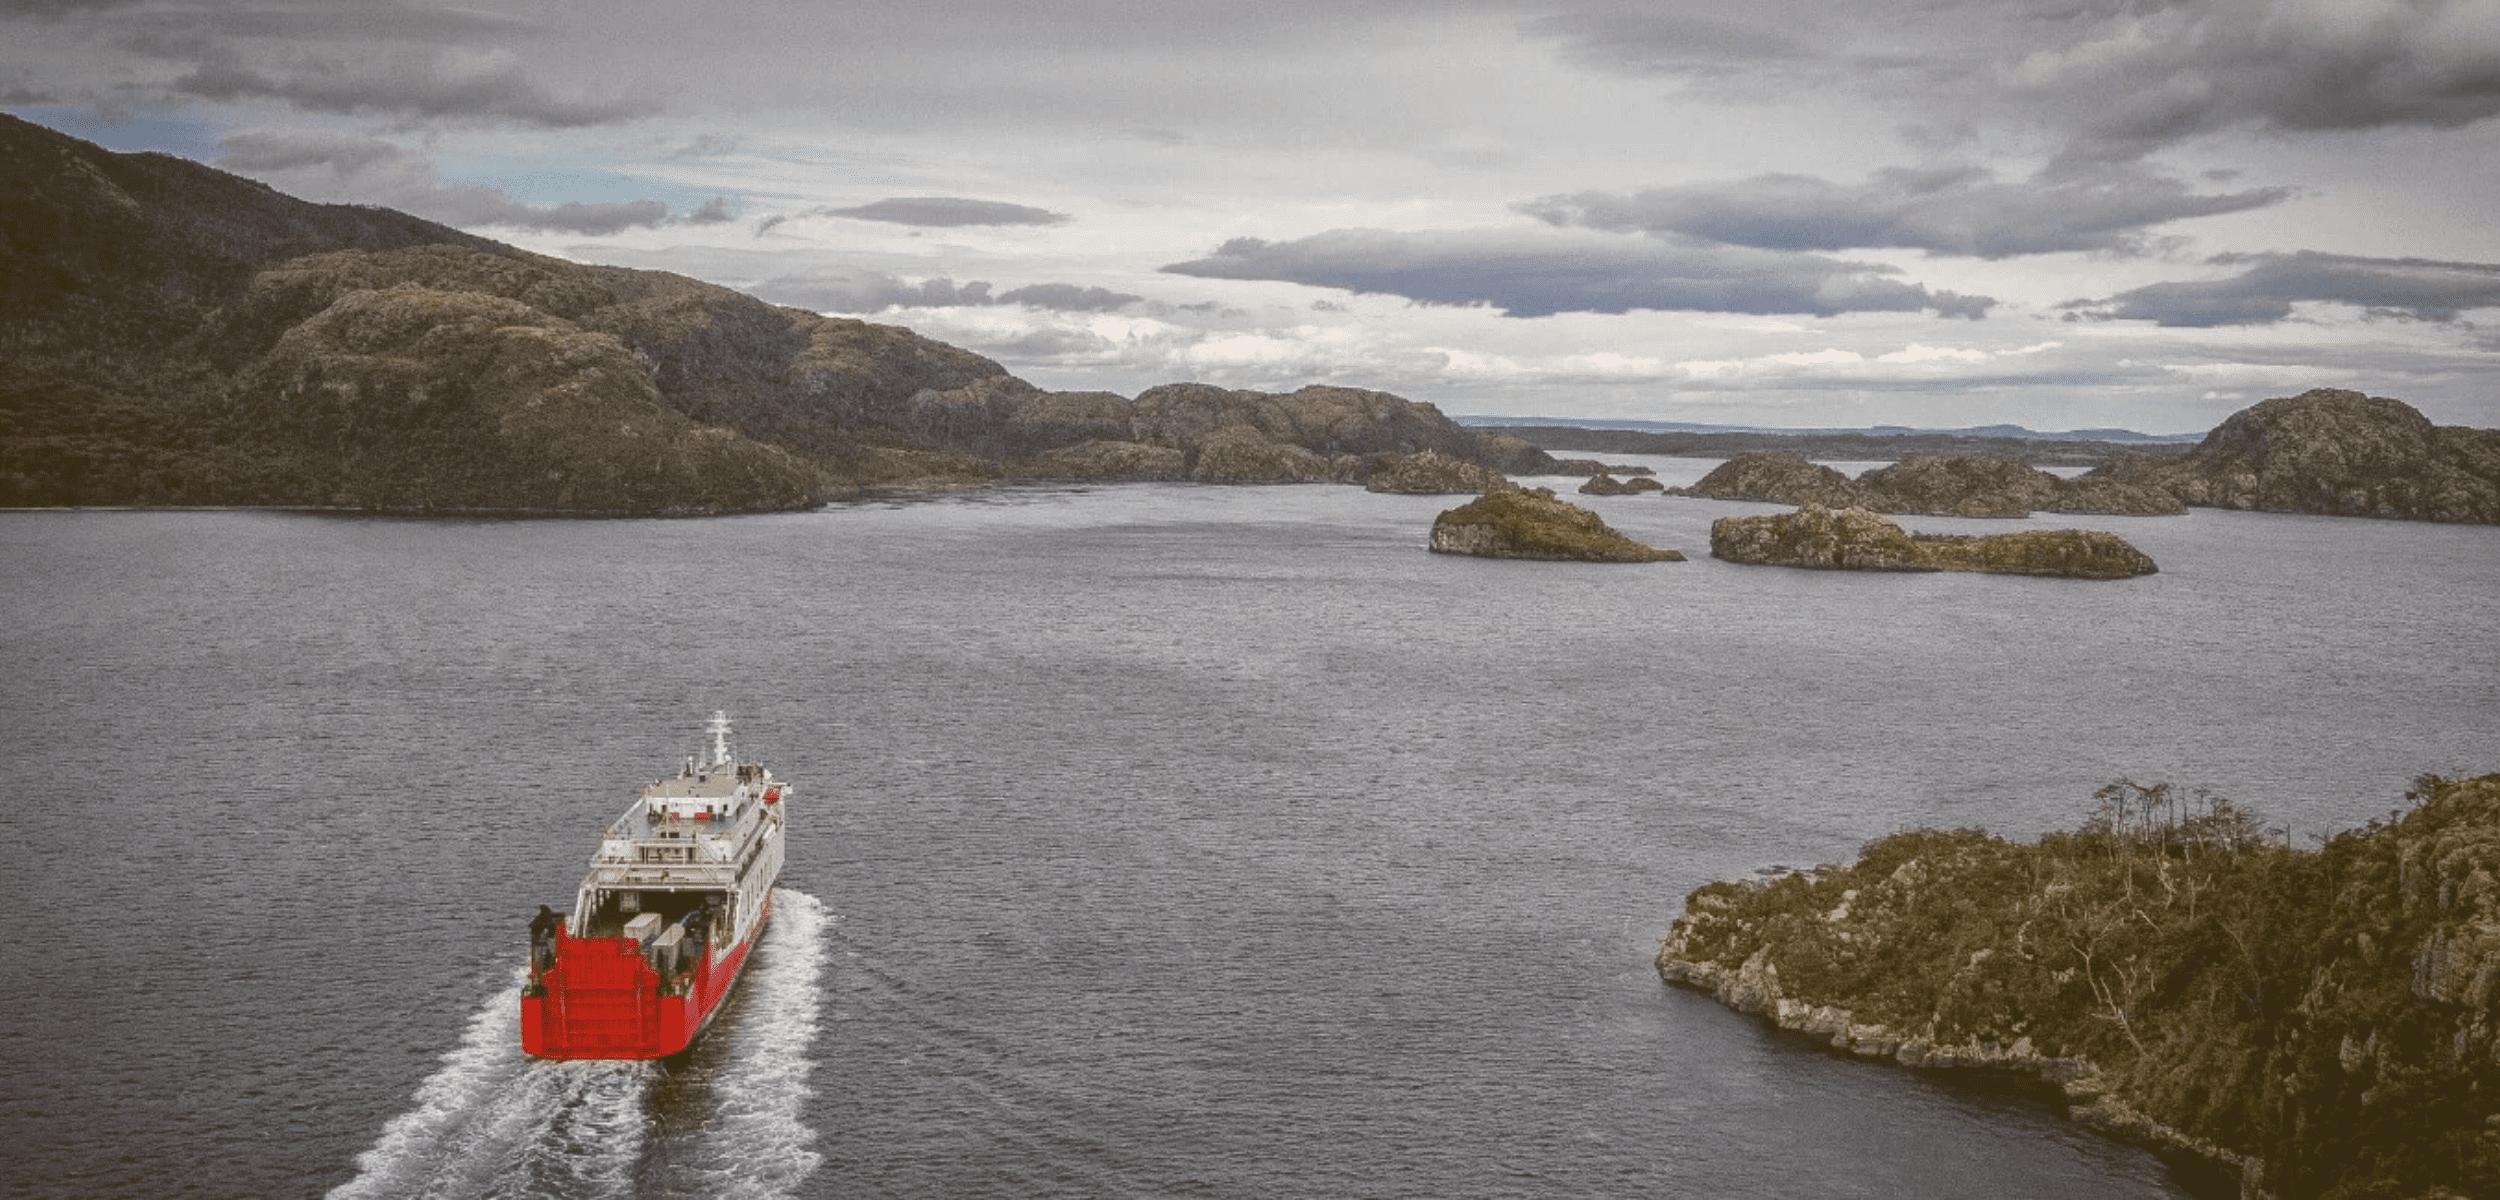 Puerto Montt o Puerto Natales, ¿desde dónde recorrer la Patagonia?